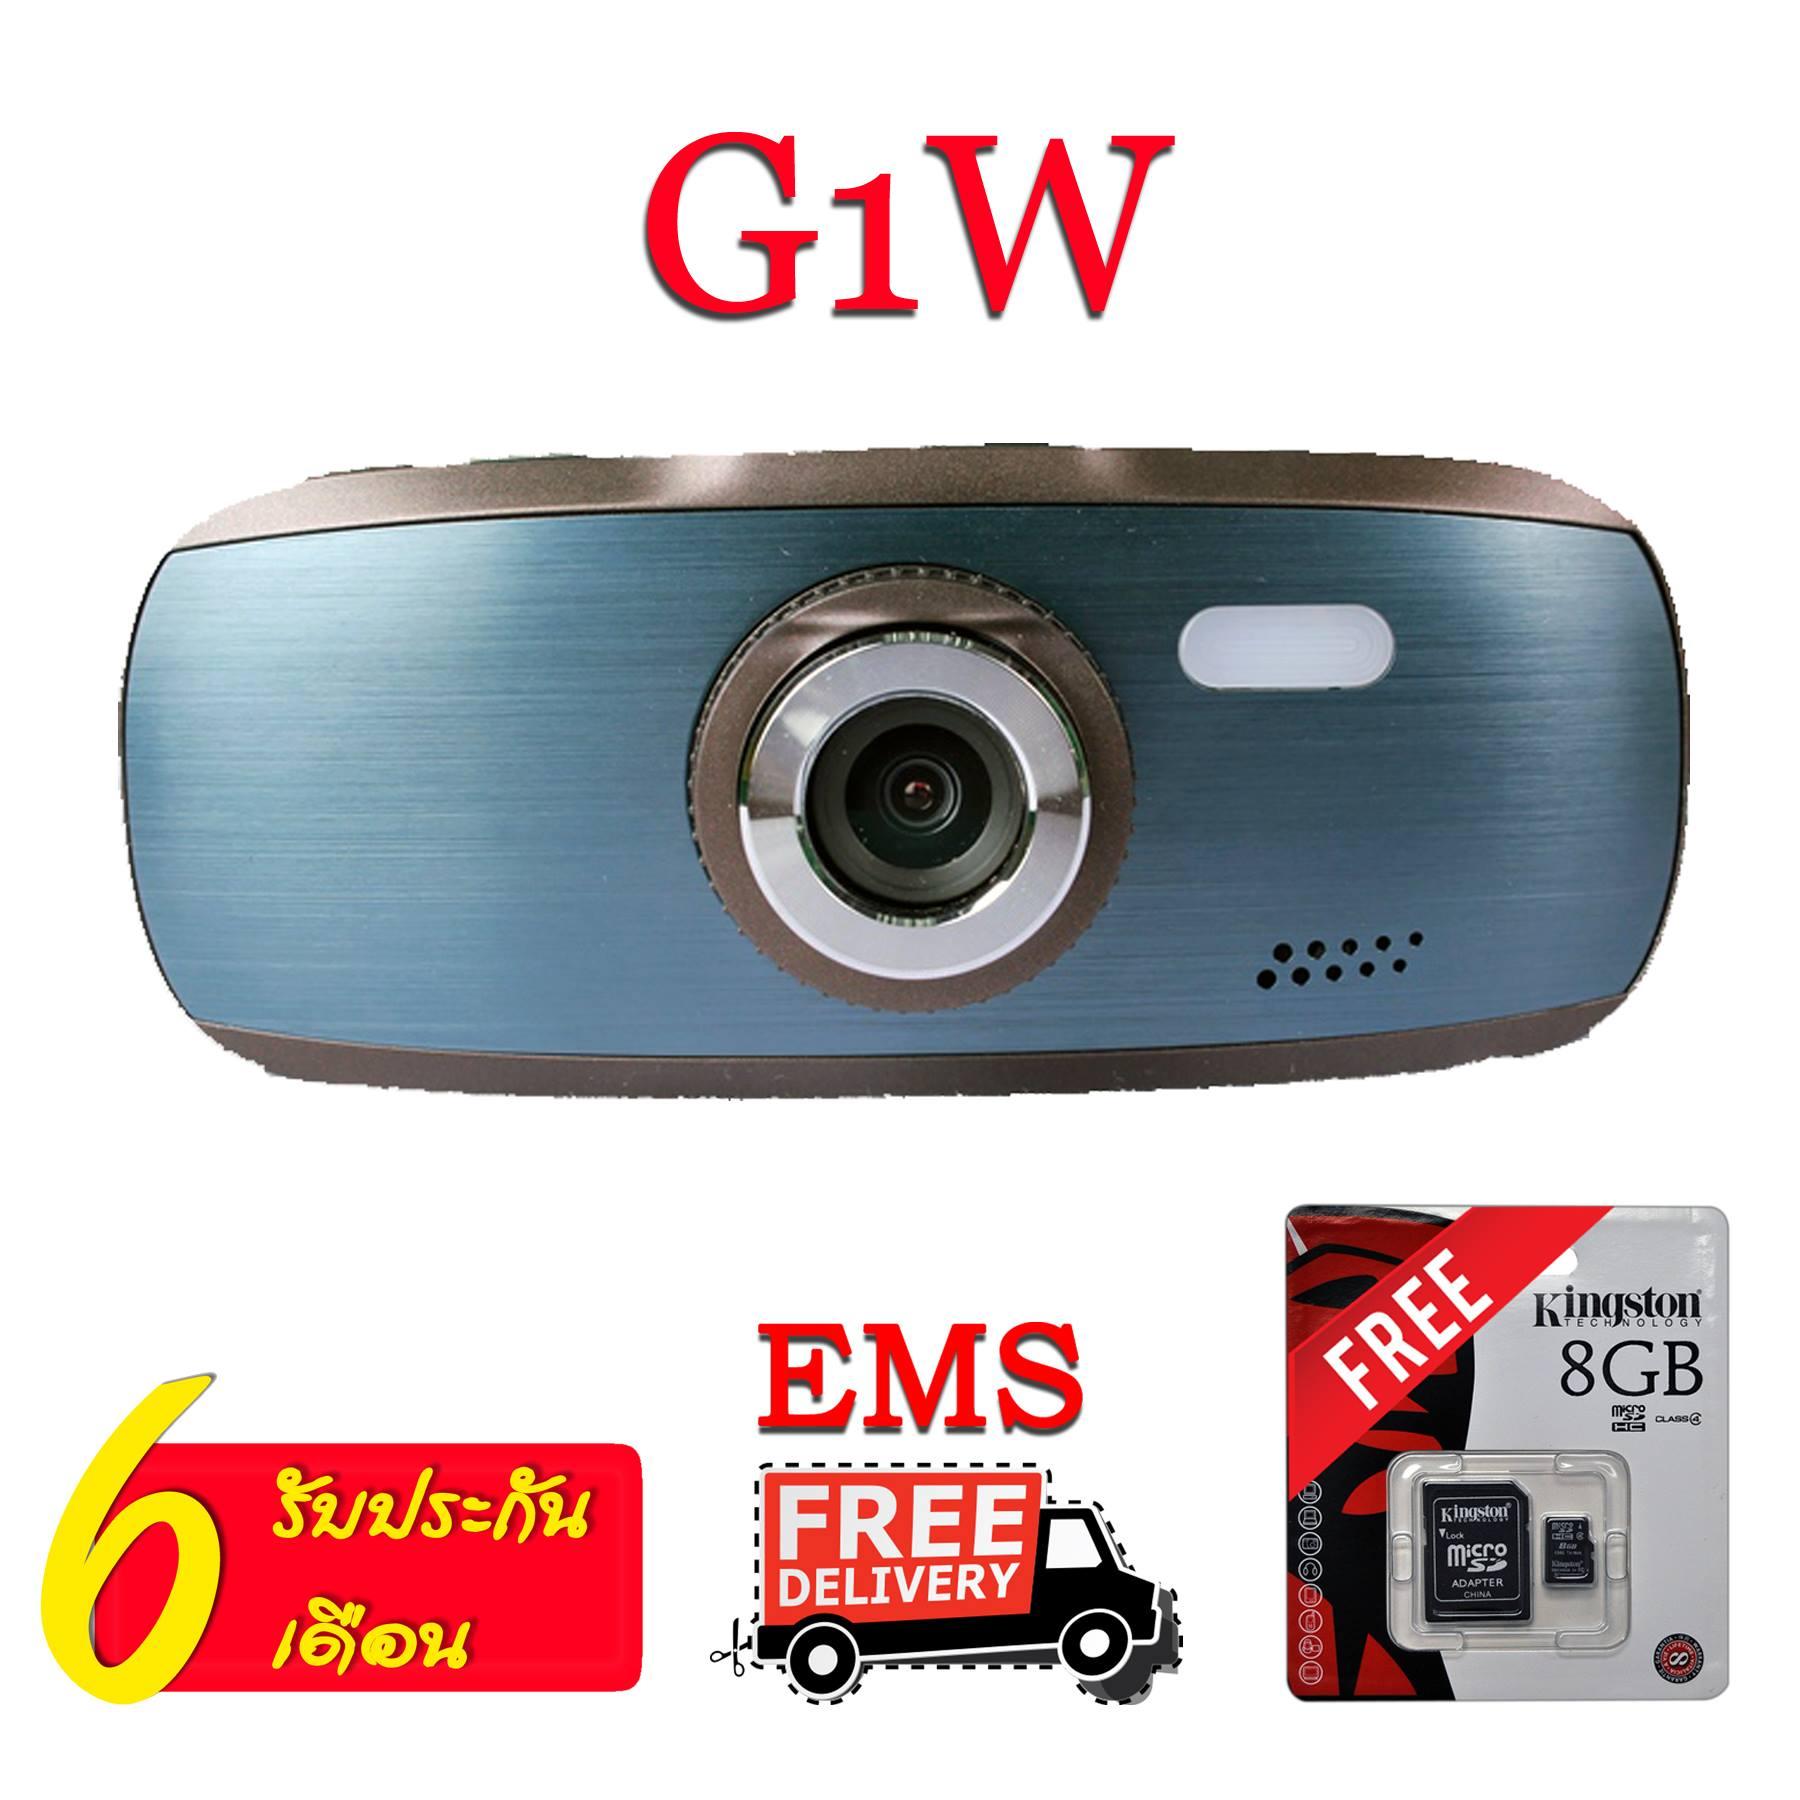 กล้องติดรถยนต์ G1W FullHD รุ่นยอดฮิตตลอดกาล ขายดีมาก !!! ต้นตำรับ WDR กลางคืนคมชัดสุดๆ แถมฟรี การ์ด 8gb